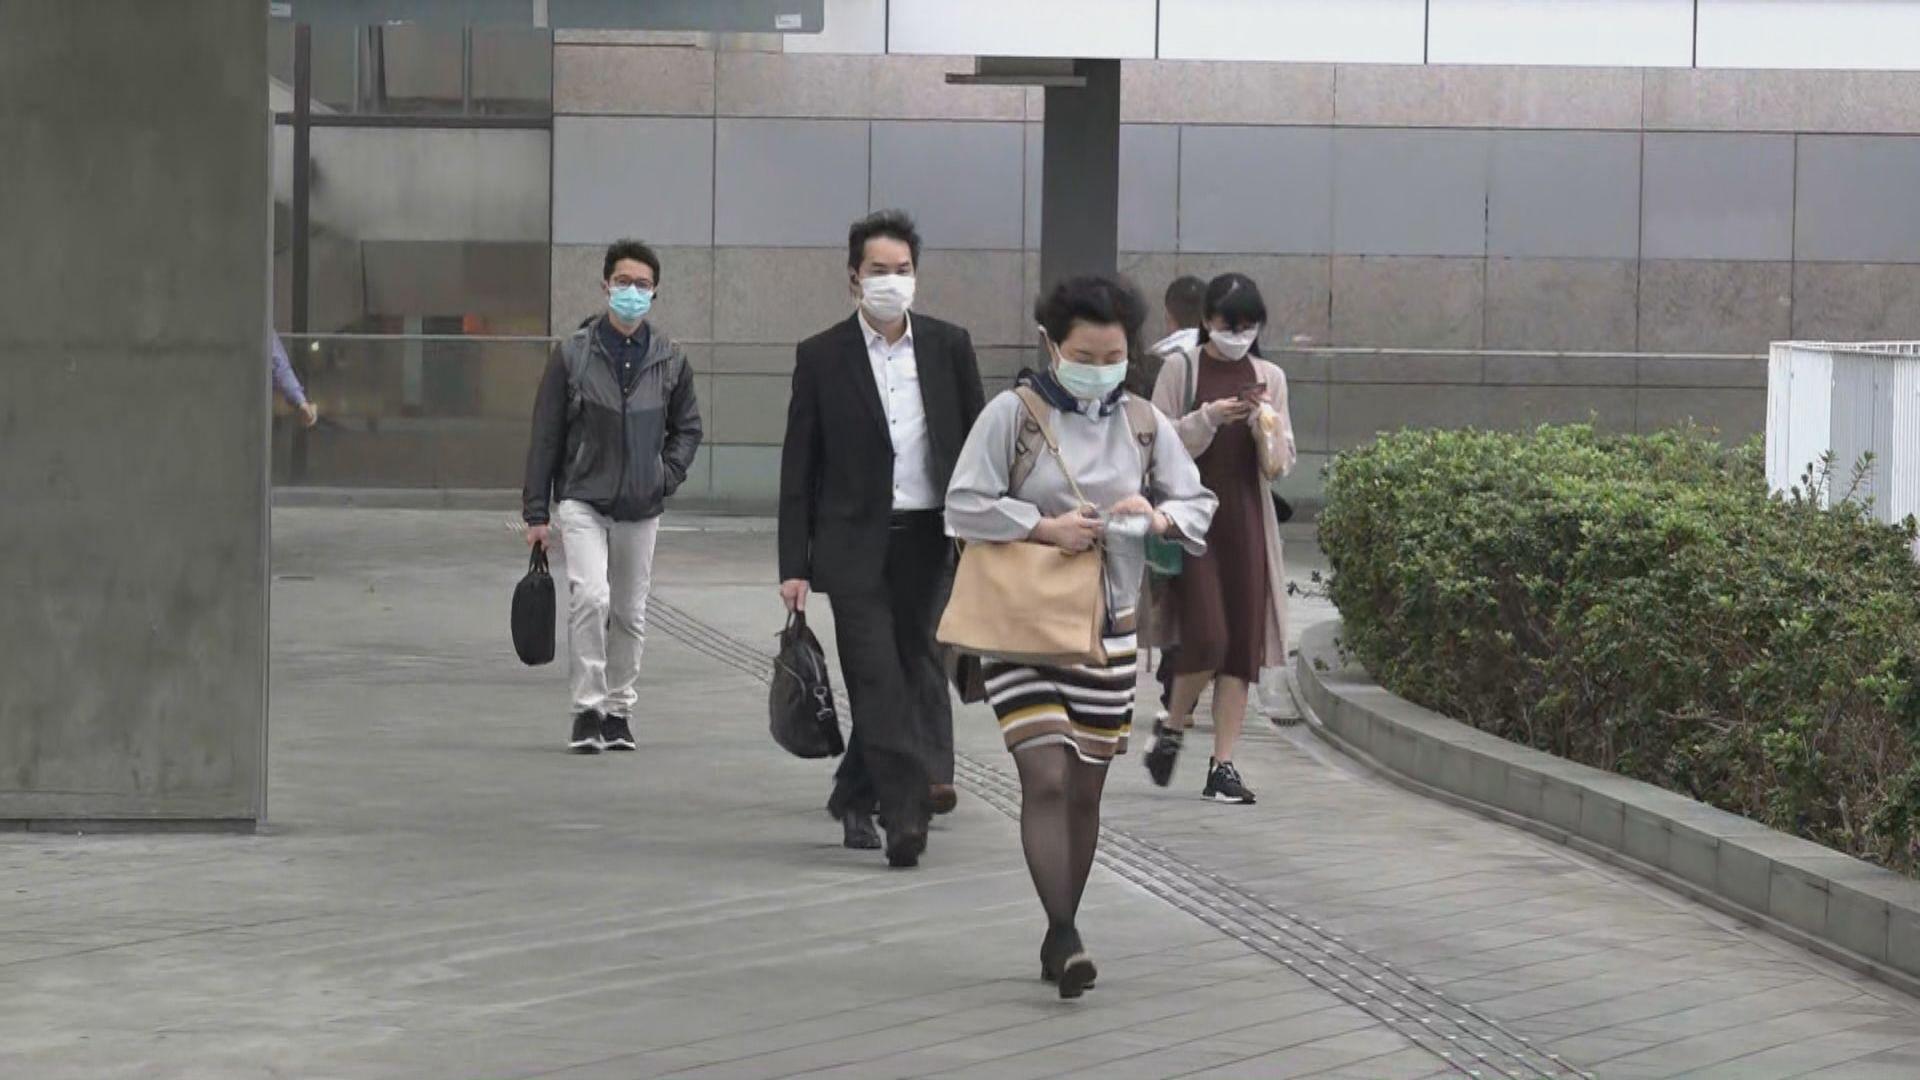 公務員今日起陸續恢復辦公 不少人上班自備口罩